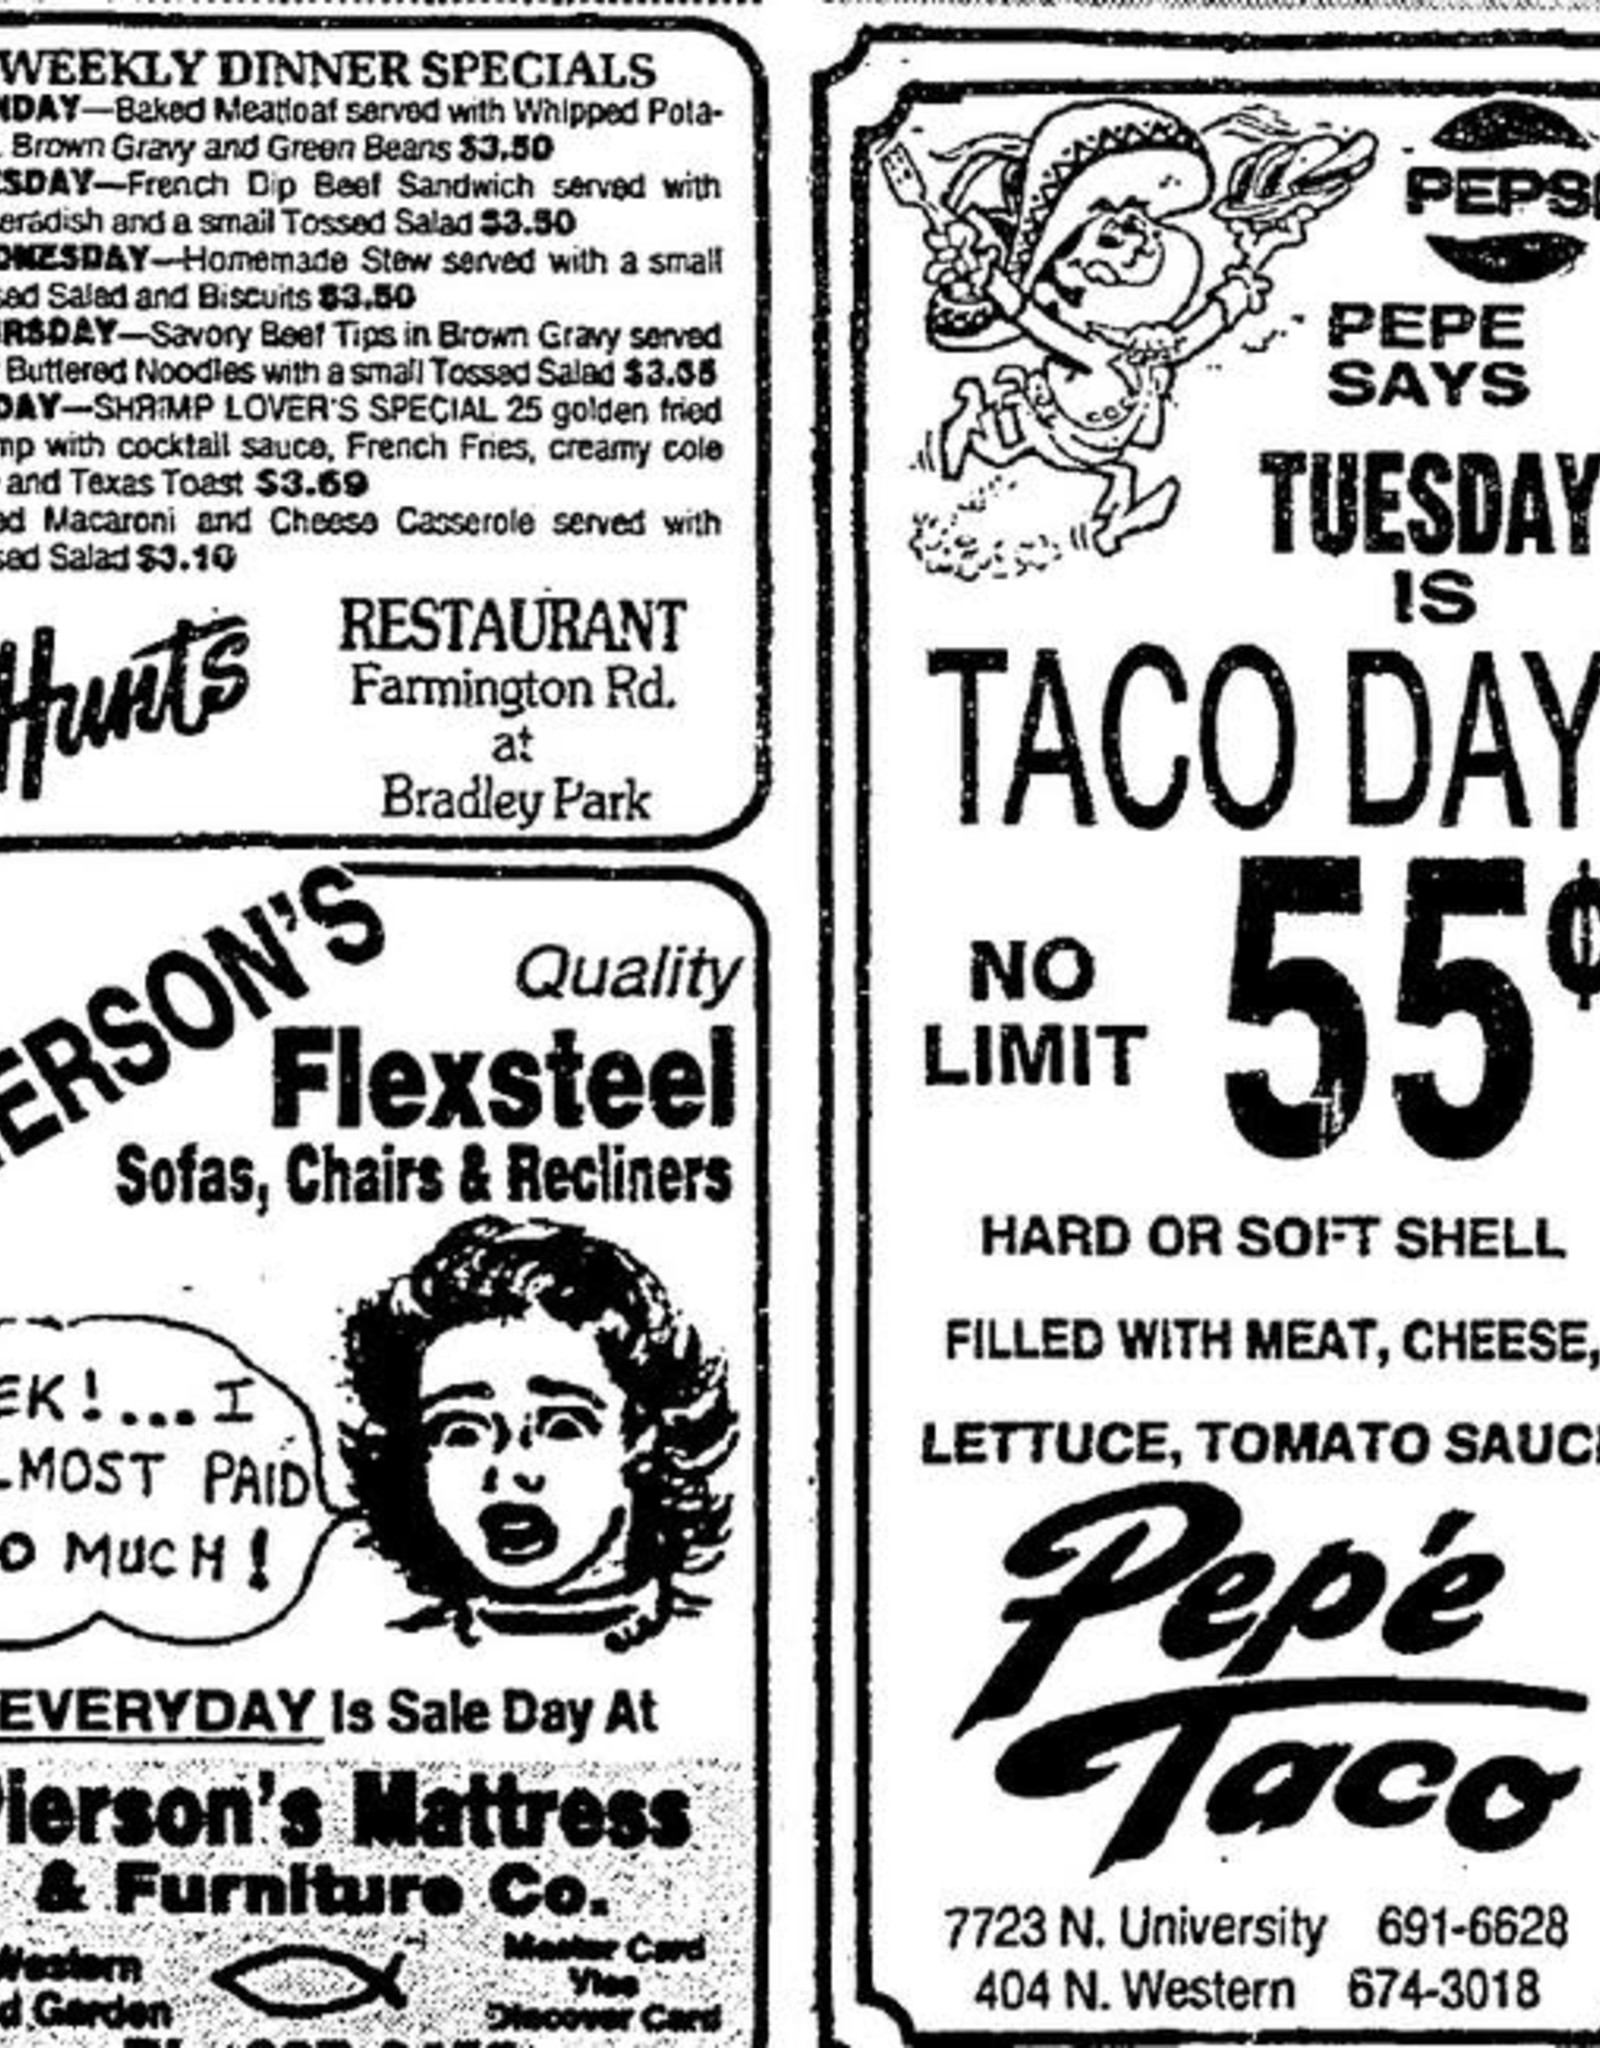 UA Merch Pepe Taco Sticker